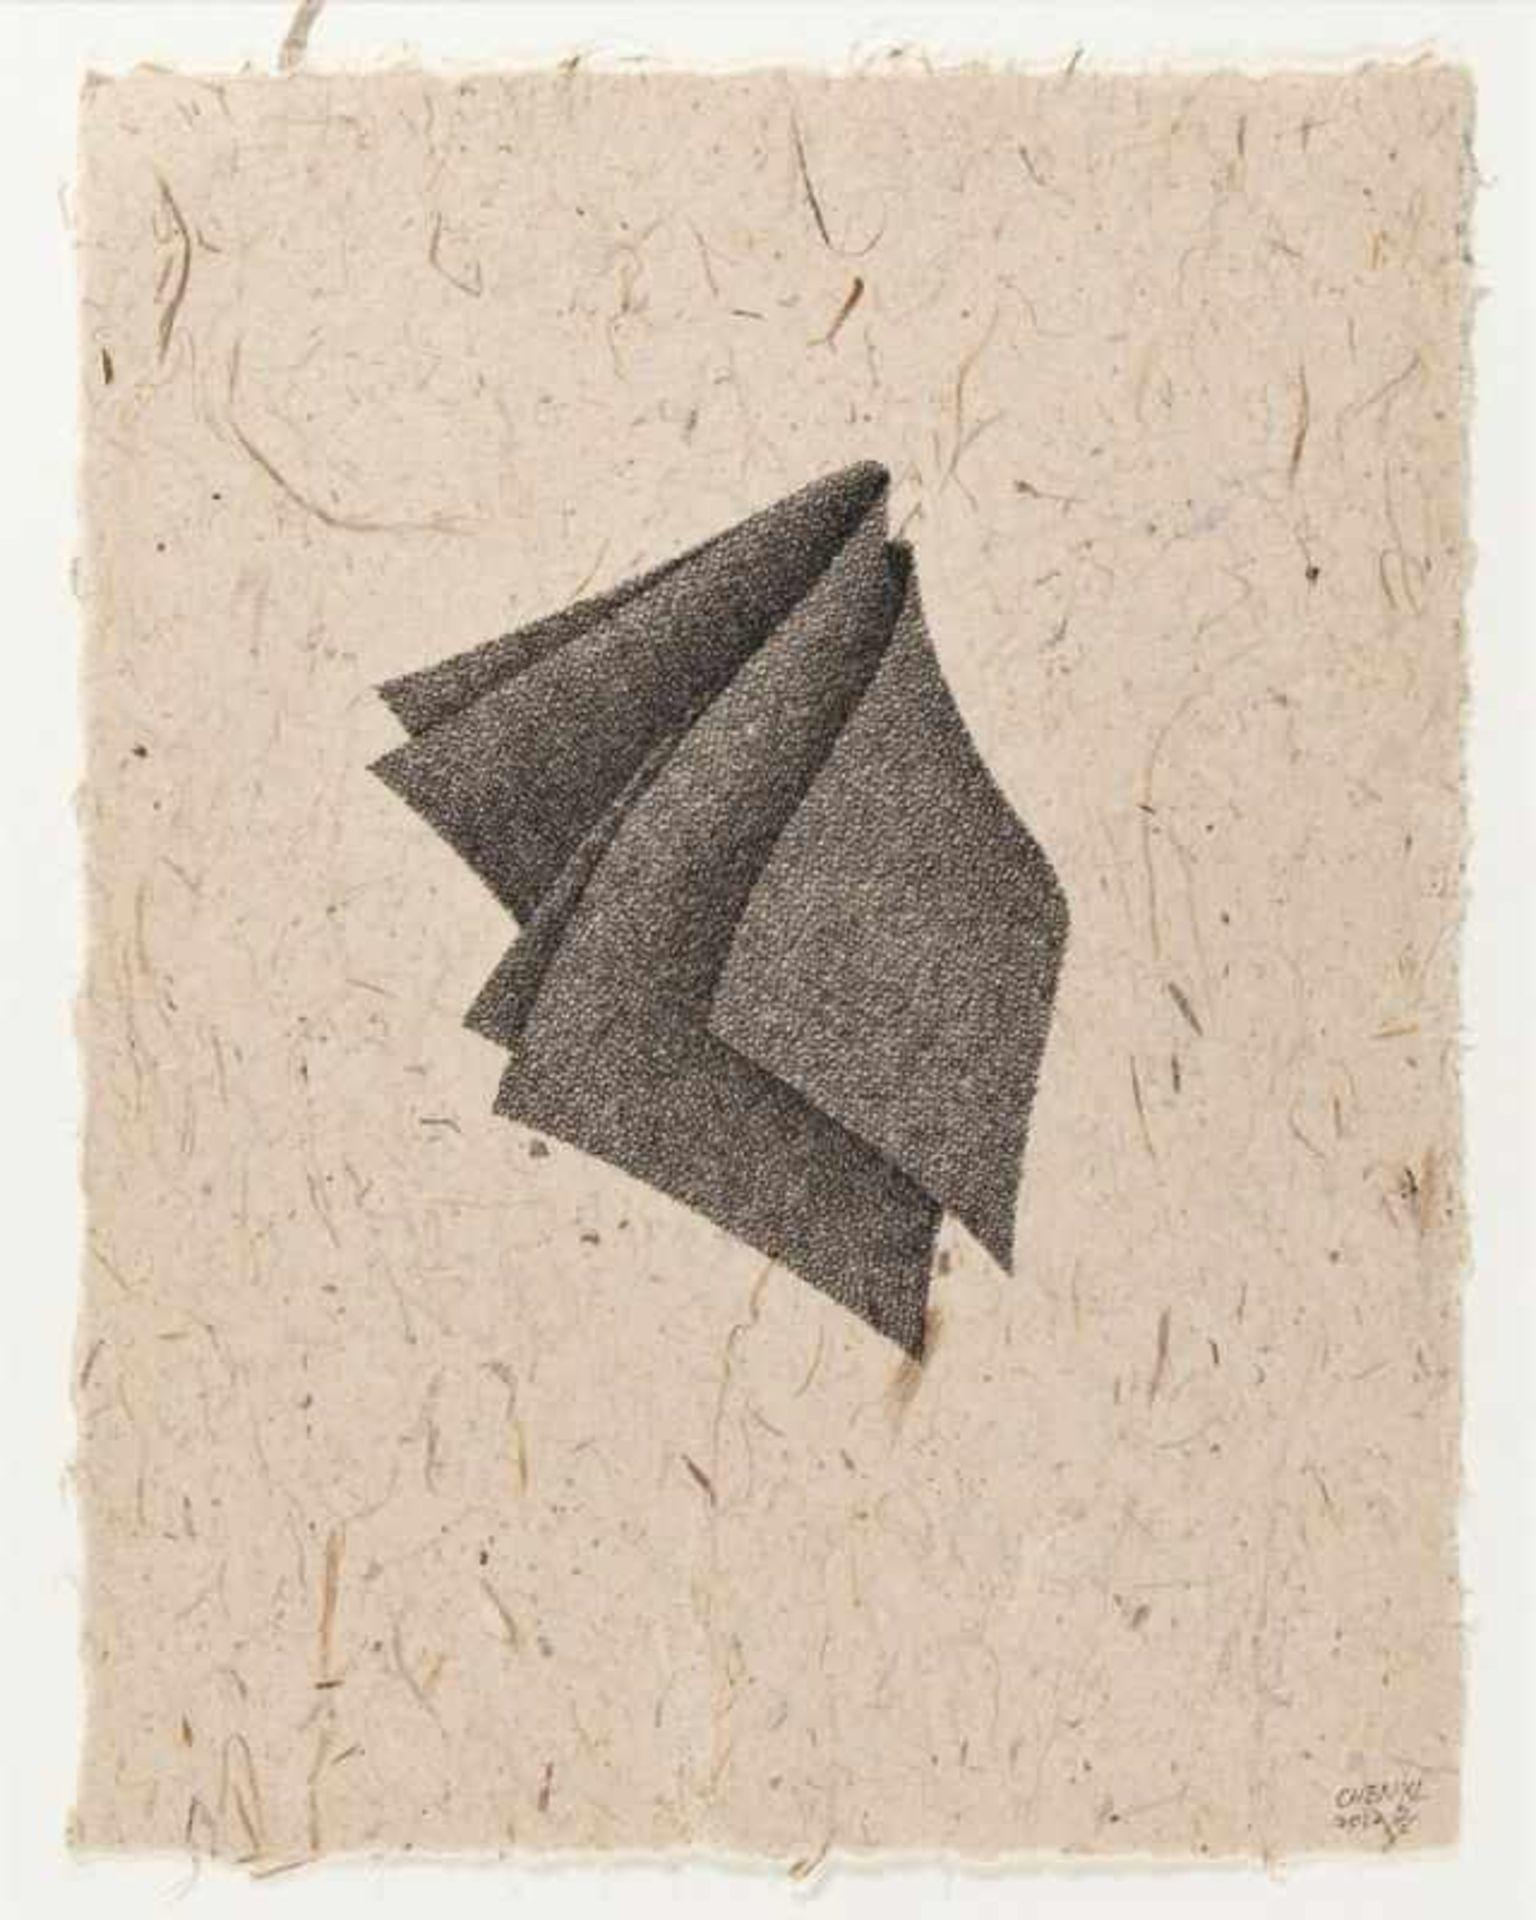 Los 3 - CHEN XI(1966 SHANGHAI)o. T., 2012Tusche auf handgeschöpftem Papier, 29 x 22,3 cmgerahmt, Maß mit